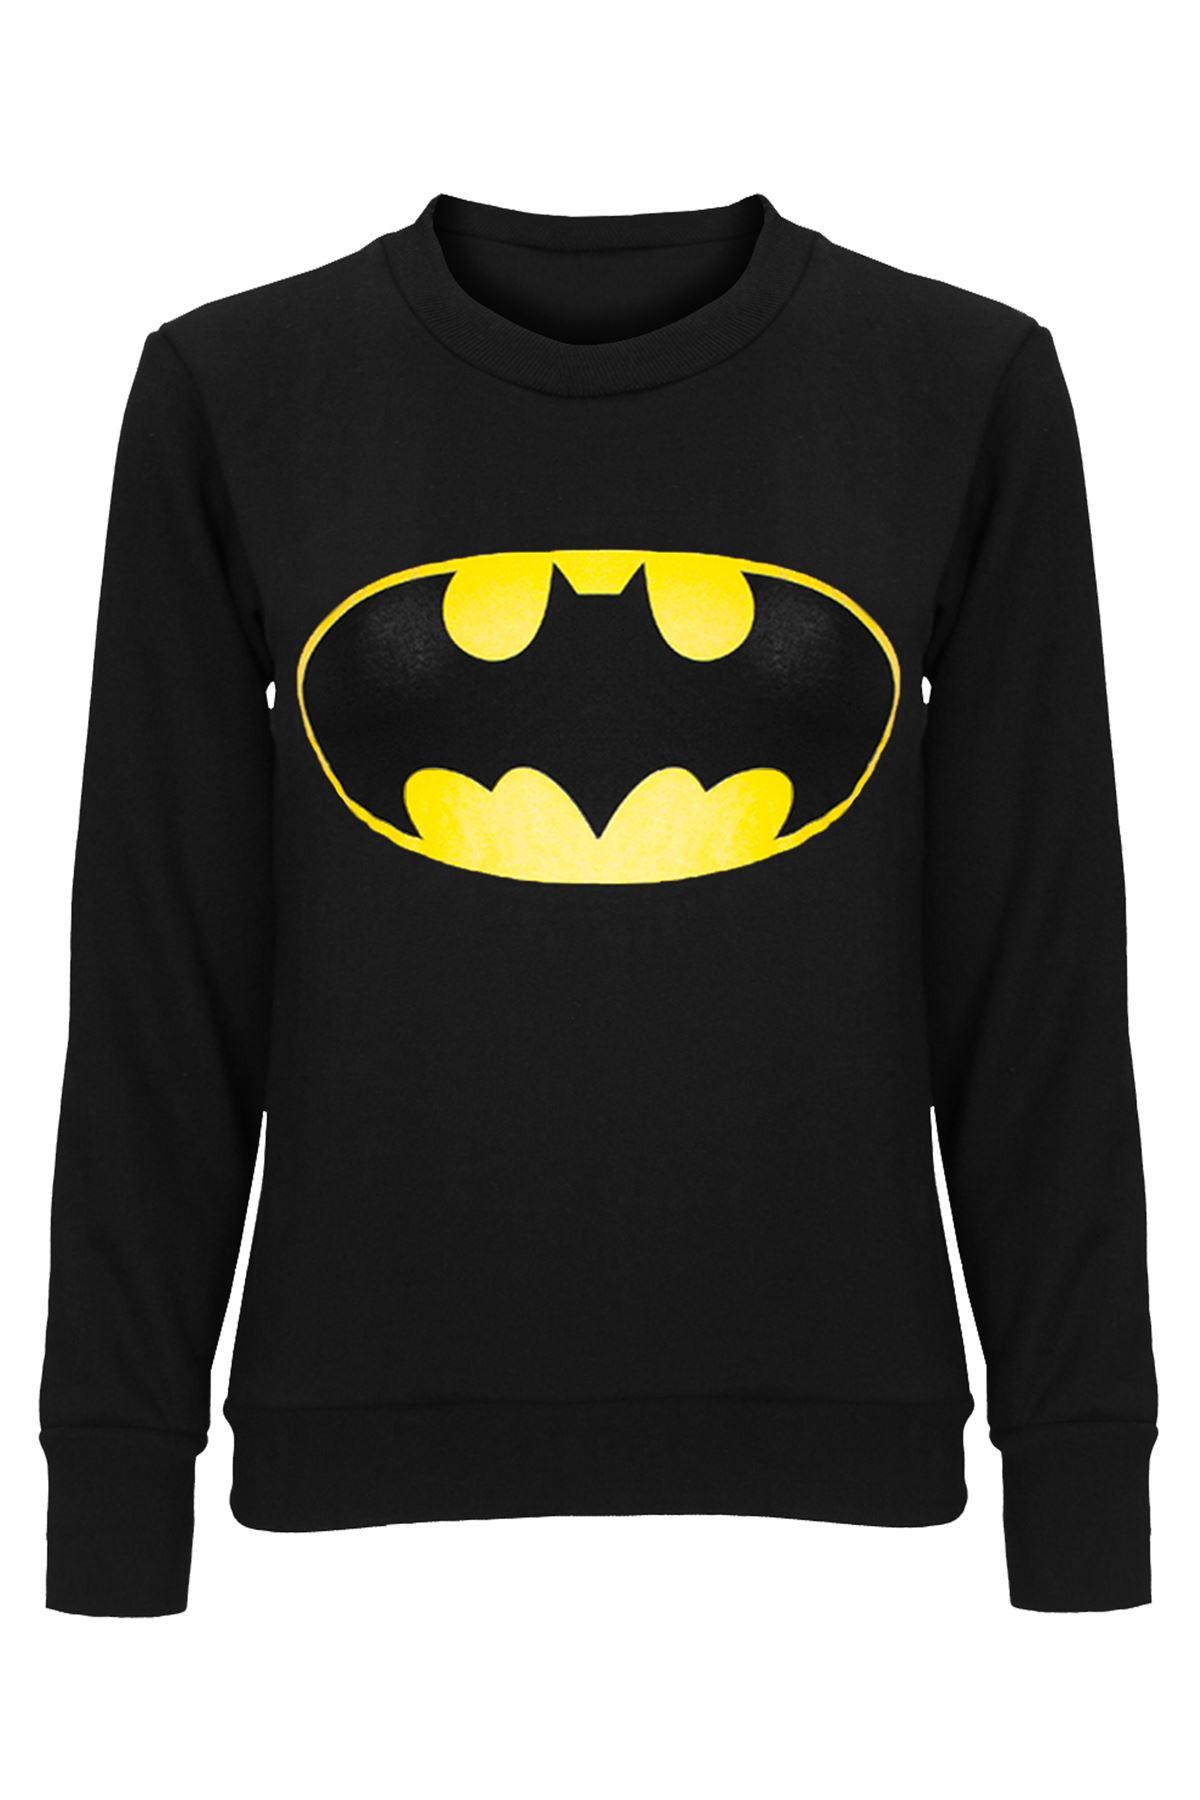 Womens ladies superman batman cap long sleeves t shirt for Long sleeve womens t shirts